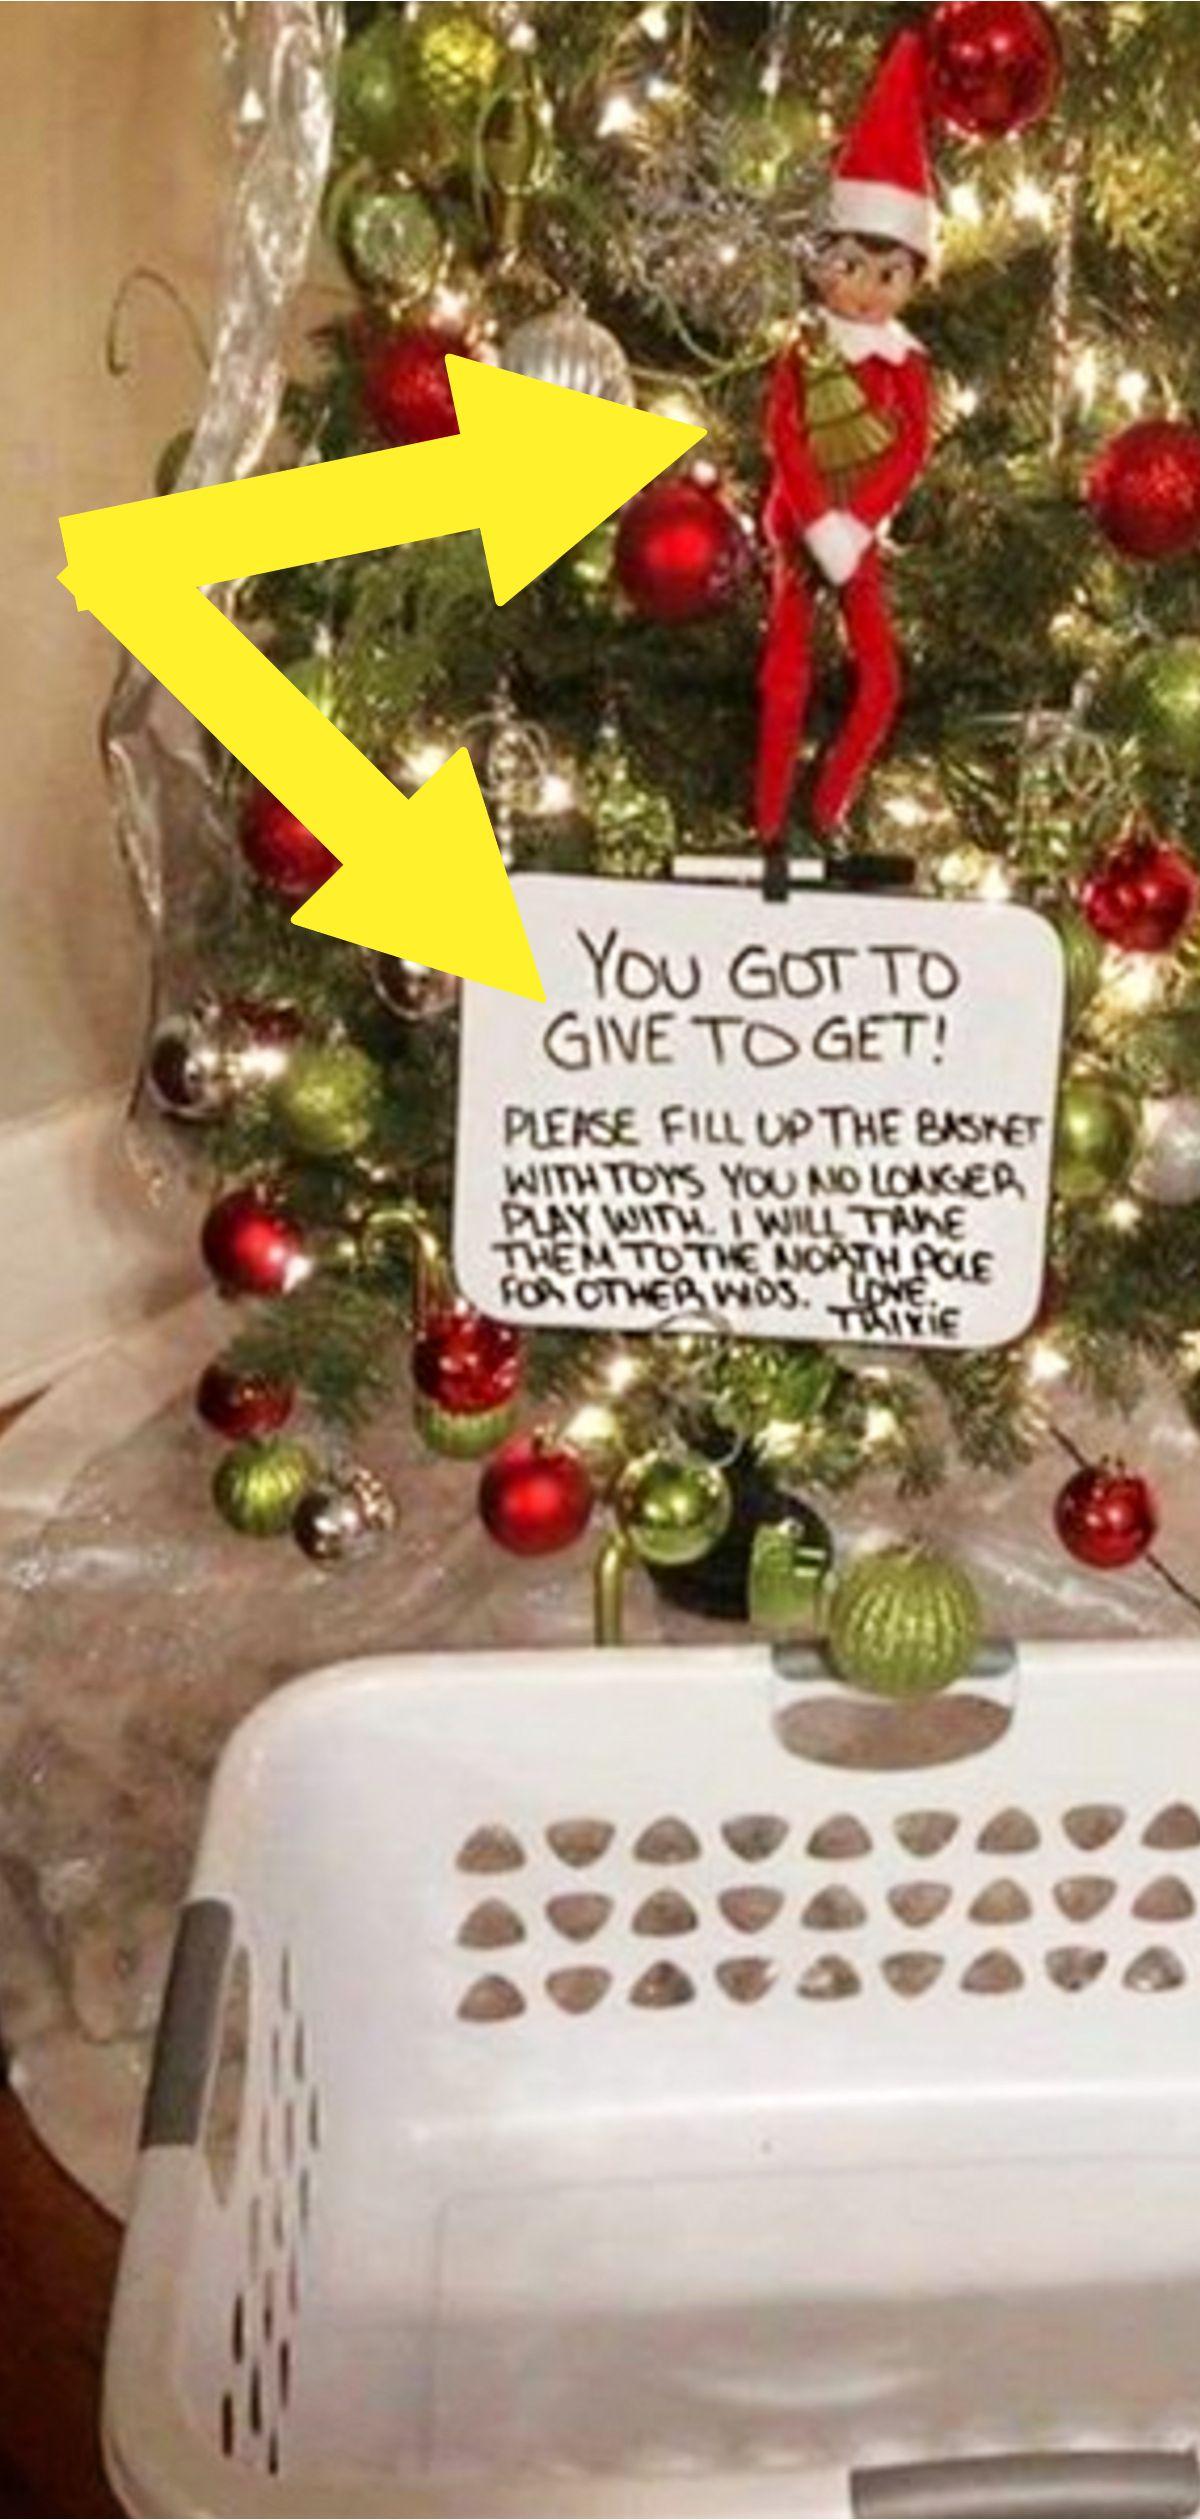 101 Elf On The Shelf Ideas For Christmas 2020 Crazy Elf Such Pranks Elf On The Shelf Christmas Preparation Christmas